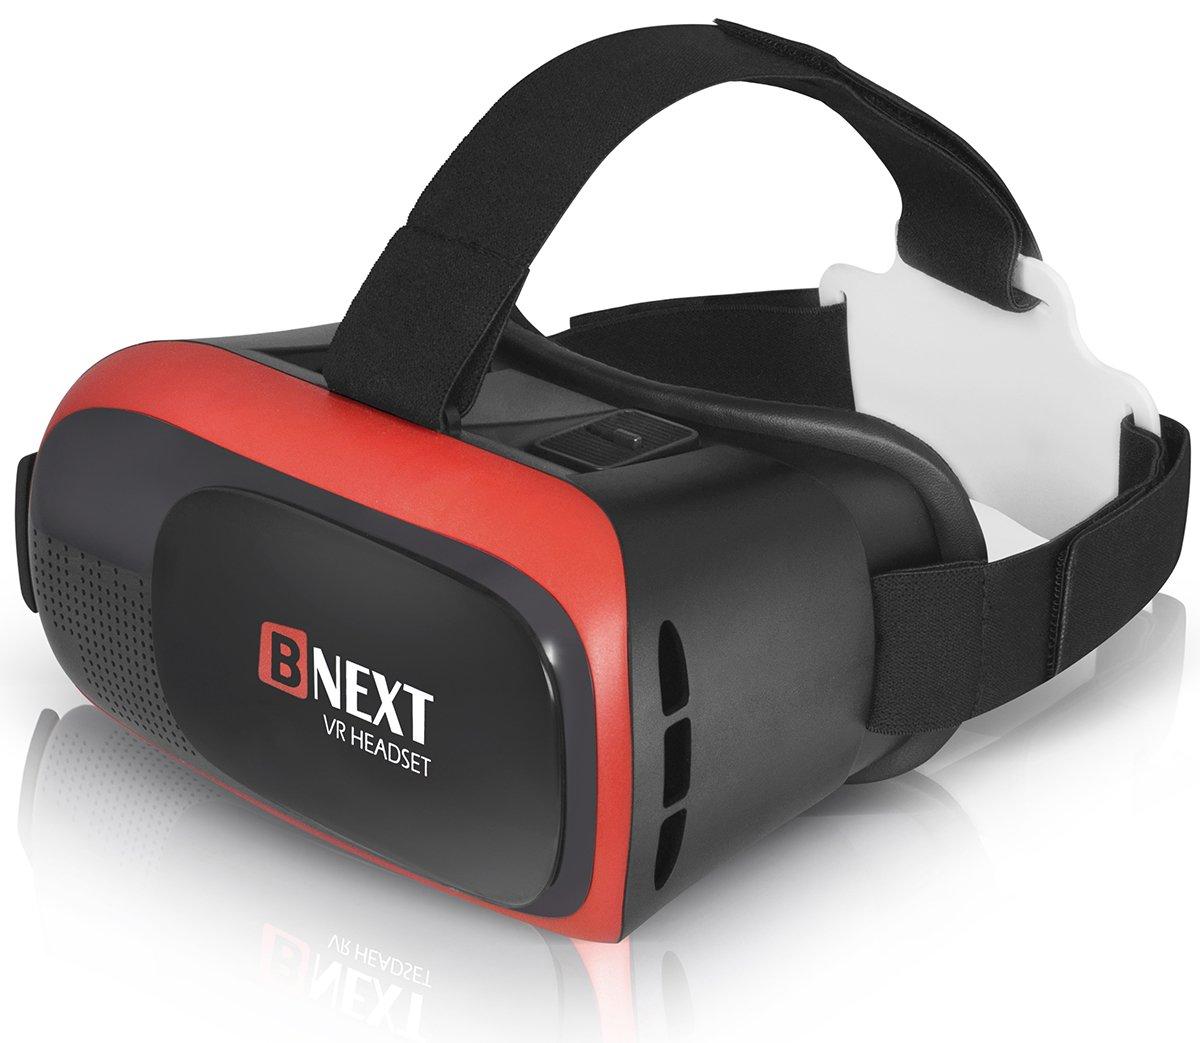 Bnext Casque Réalité Virtuelle, Casque VR pour iPhone & Android – Lancez Les Meilleures Applications/Jeux et Regardez Vos vidéos 3D & 360 avec Un Casque Doux, Confortable et réglable